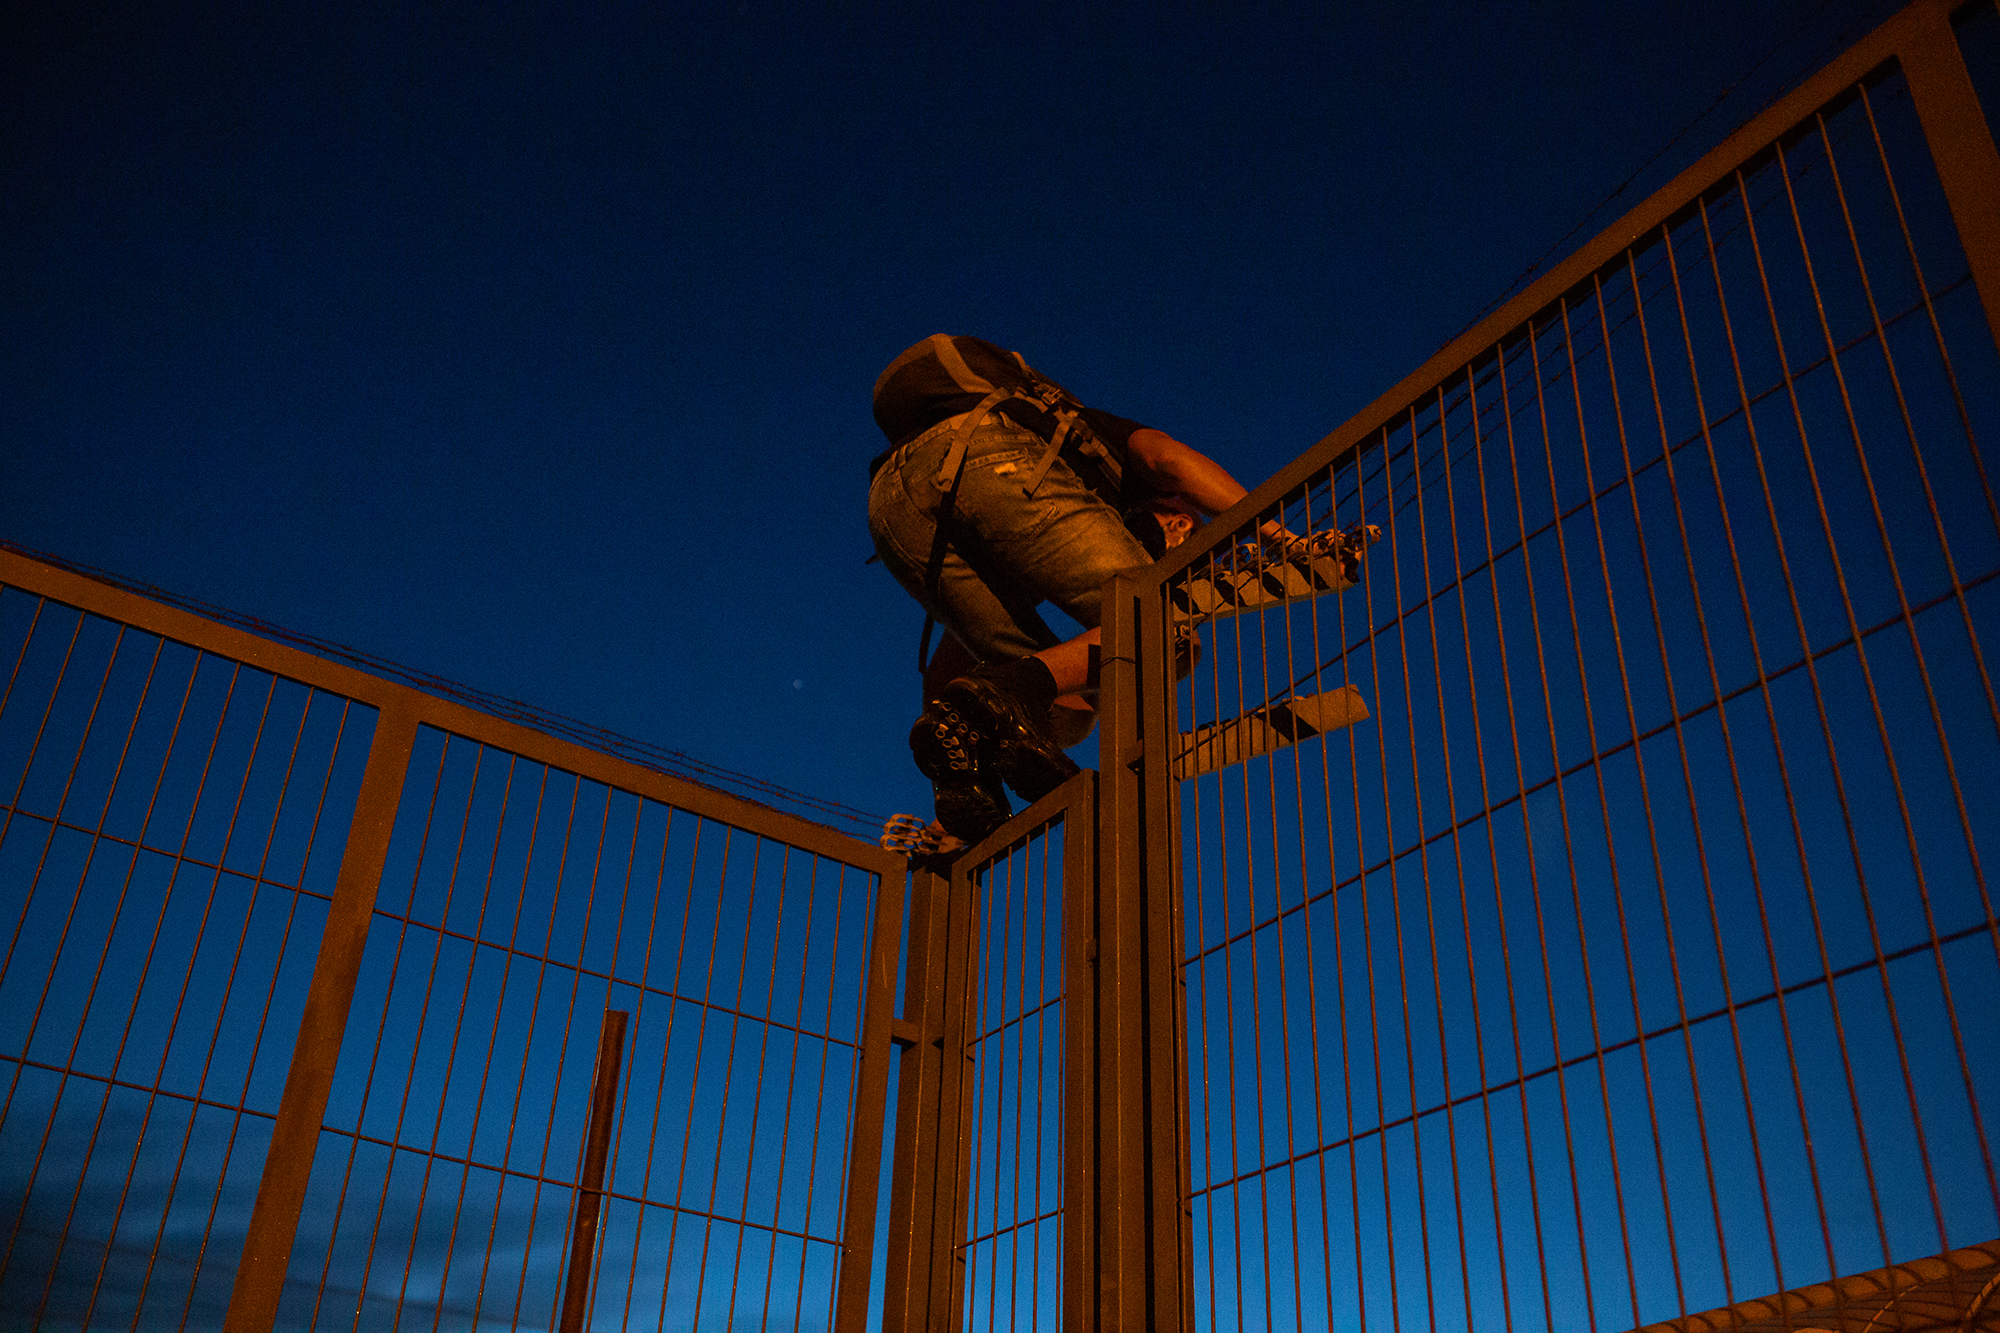 reportatge Atrapats sobre un grup de joves migrants en situació irregular que ha quedat finalista al I premi de Fotoperiodisme Héctor Zampaglione/Mireia Comas